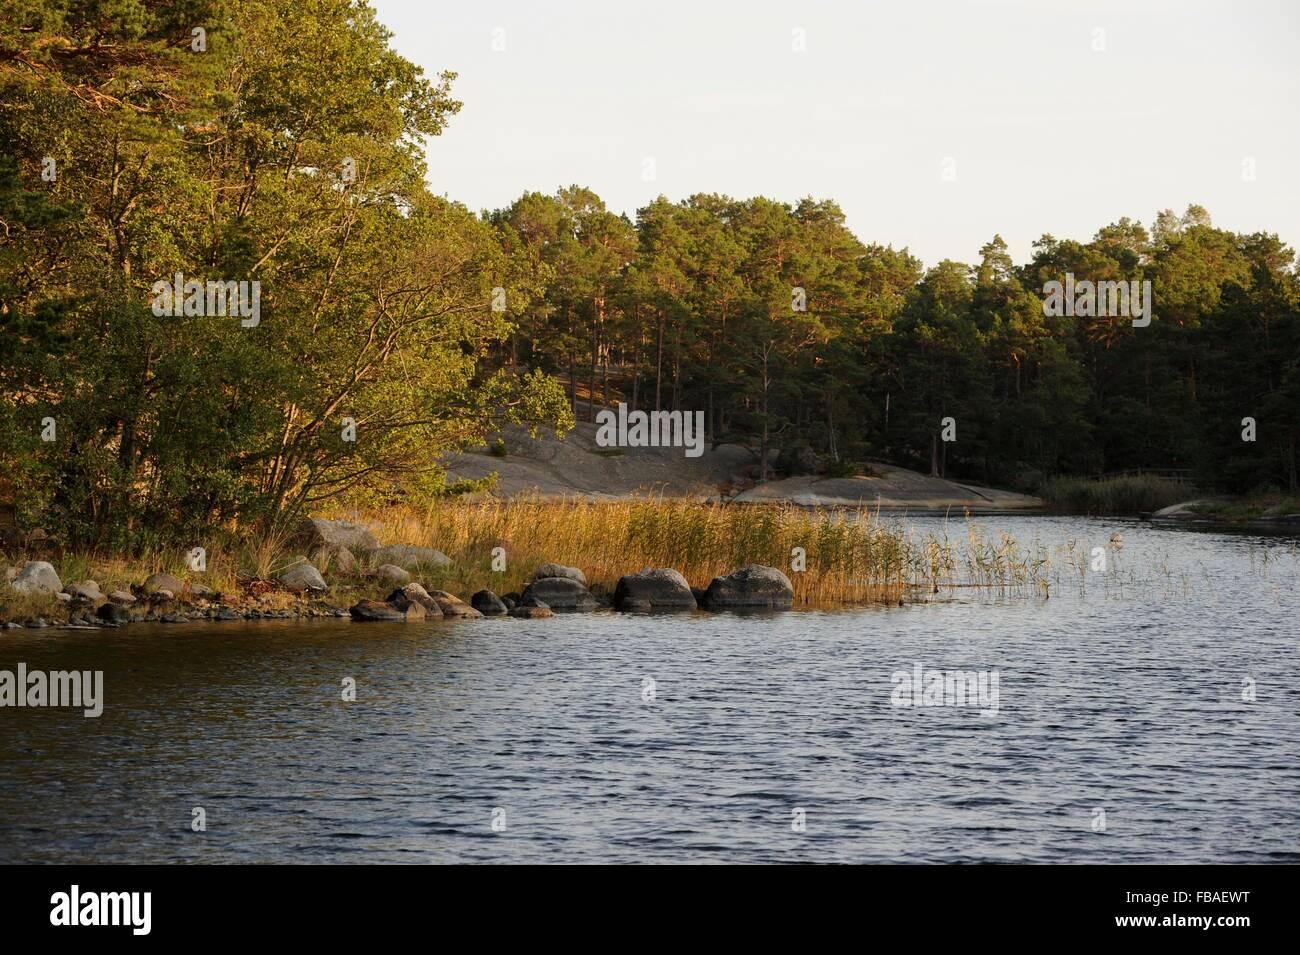 coast of the Stockholm Archipelago - Stock Image